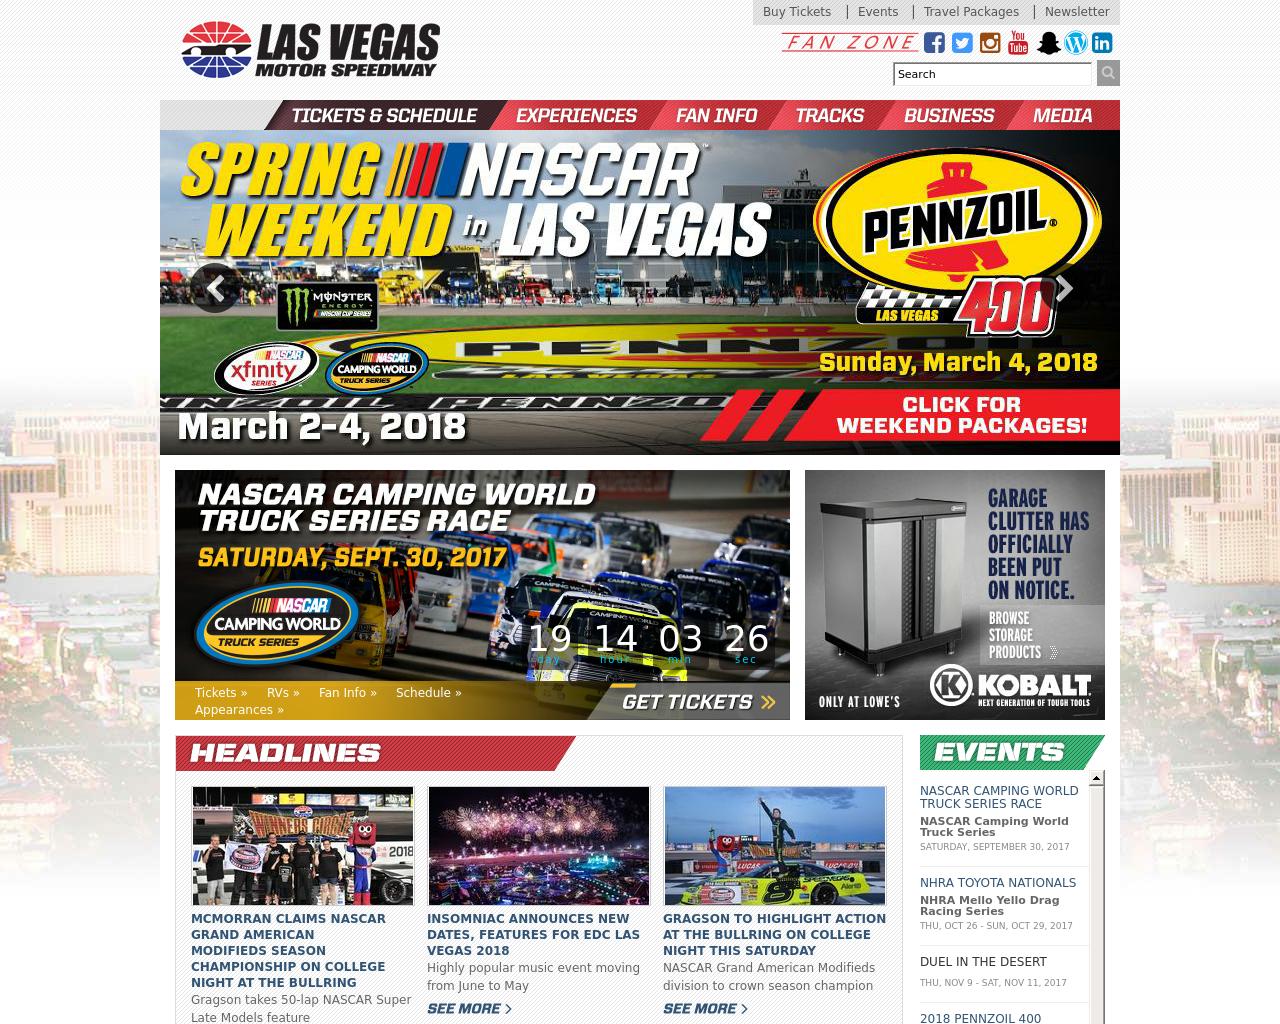 Las-Vegas-Motor-Speedway-Advertising-Reviews-Pricing